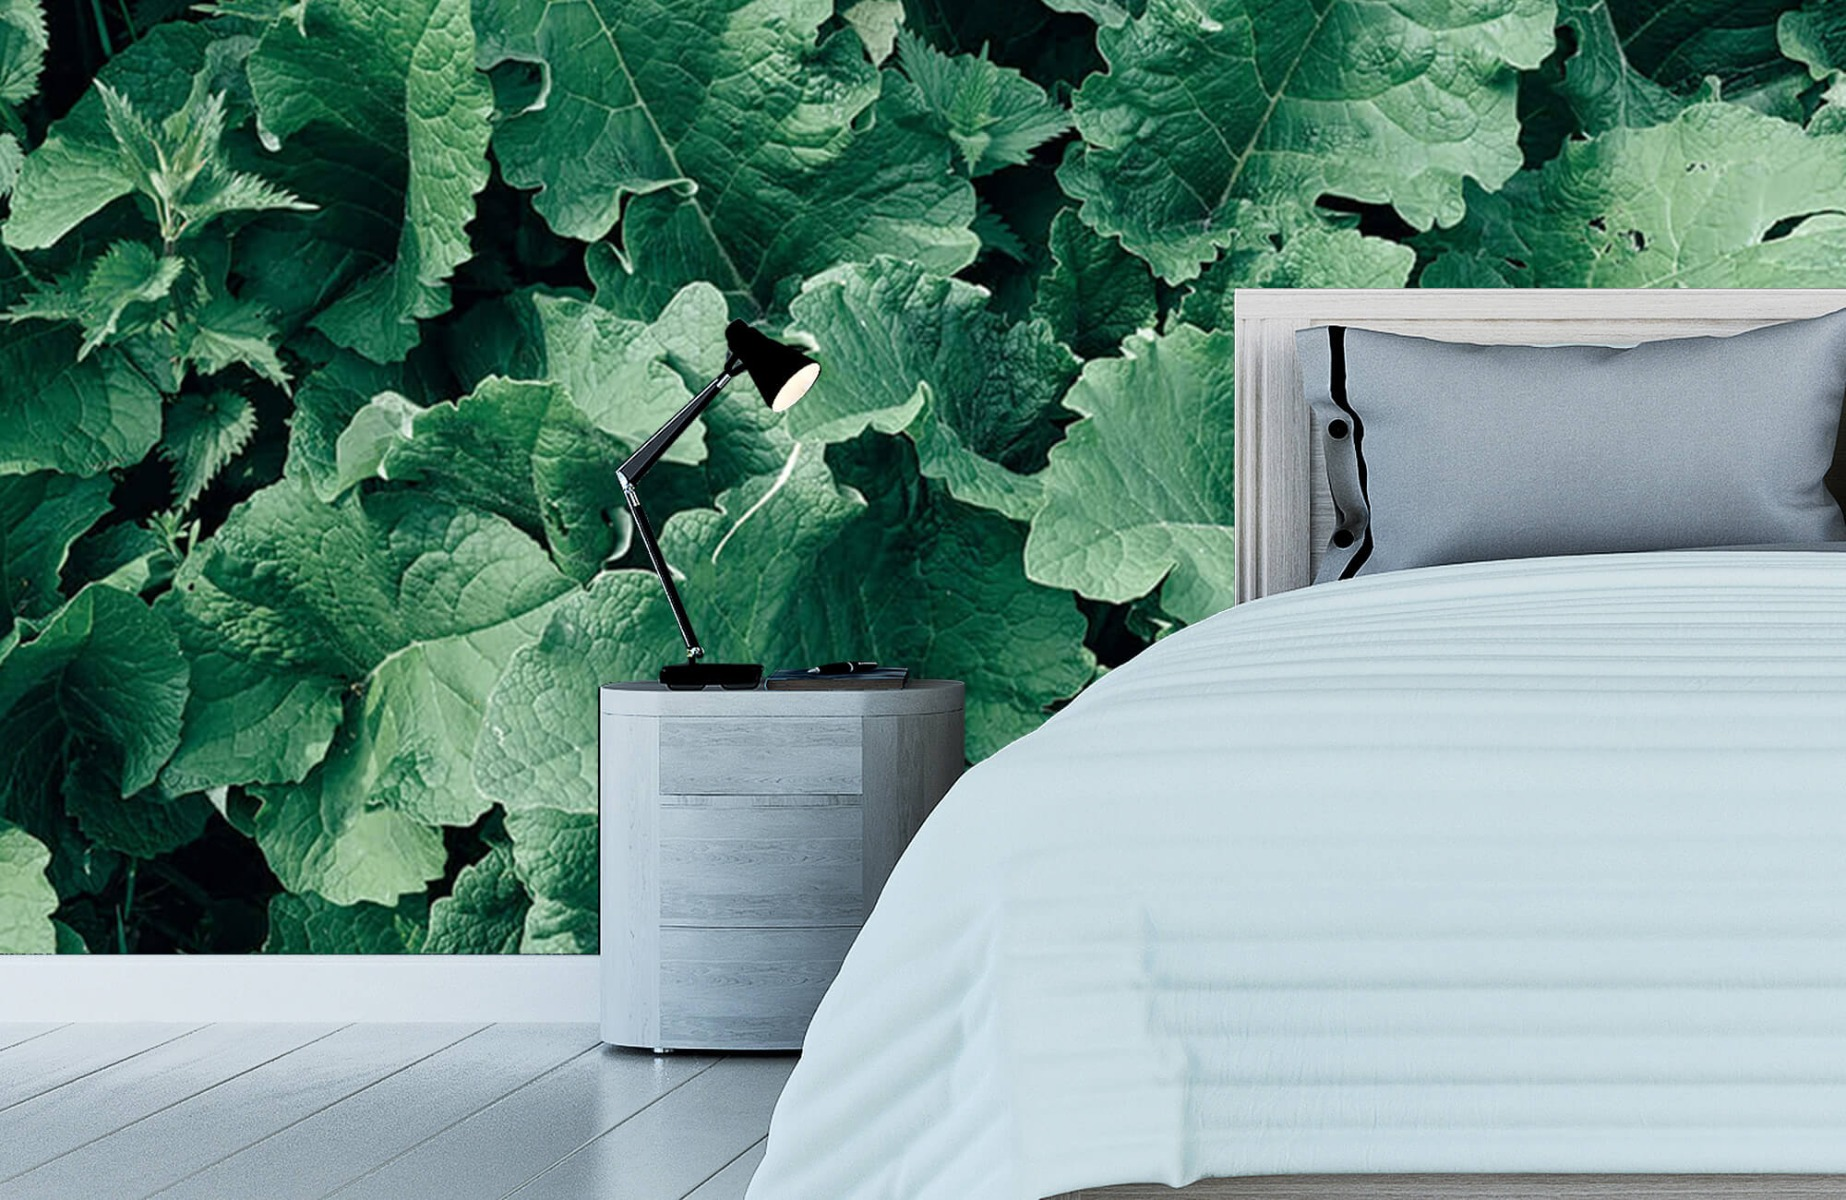 Bladeren - Gedetailleerd groen bladerdek - Wallexclusive - Slaapkamer 12